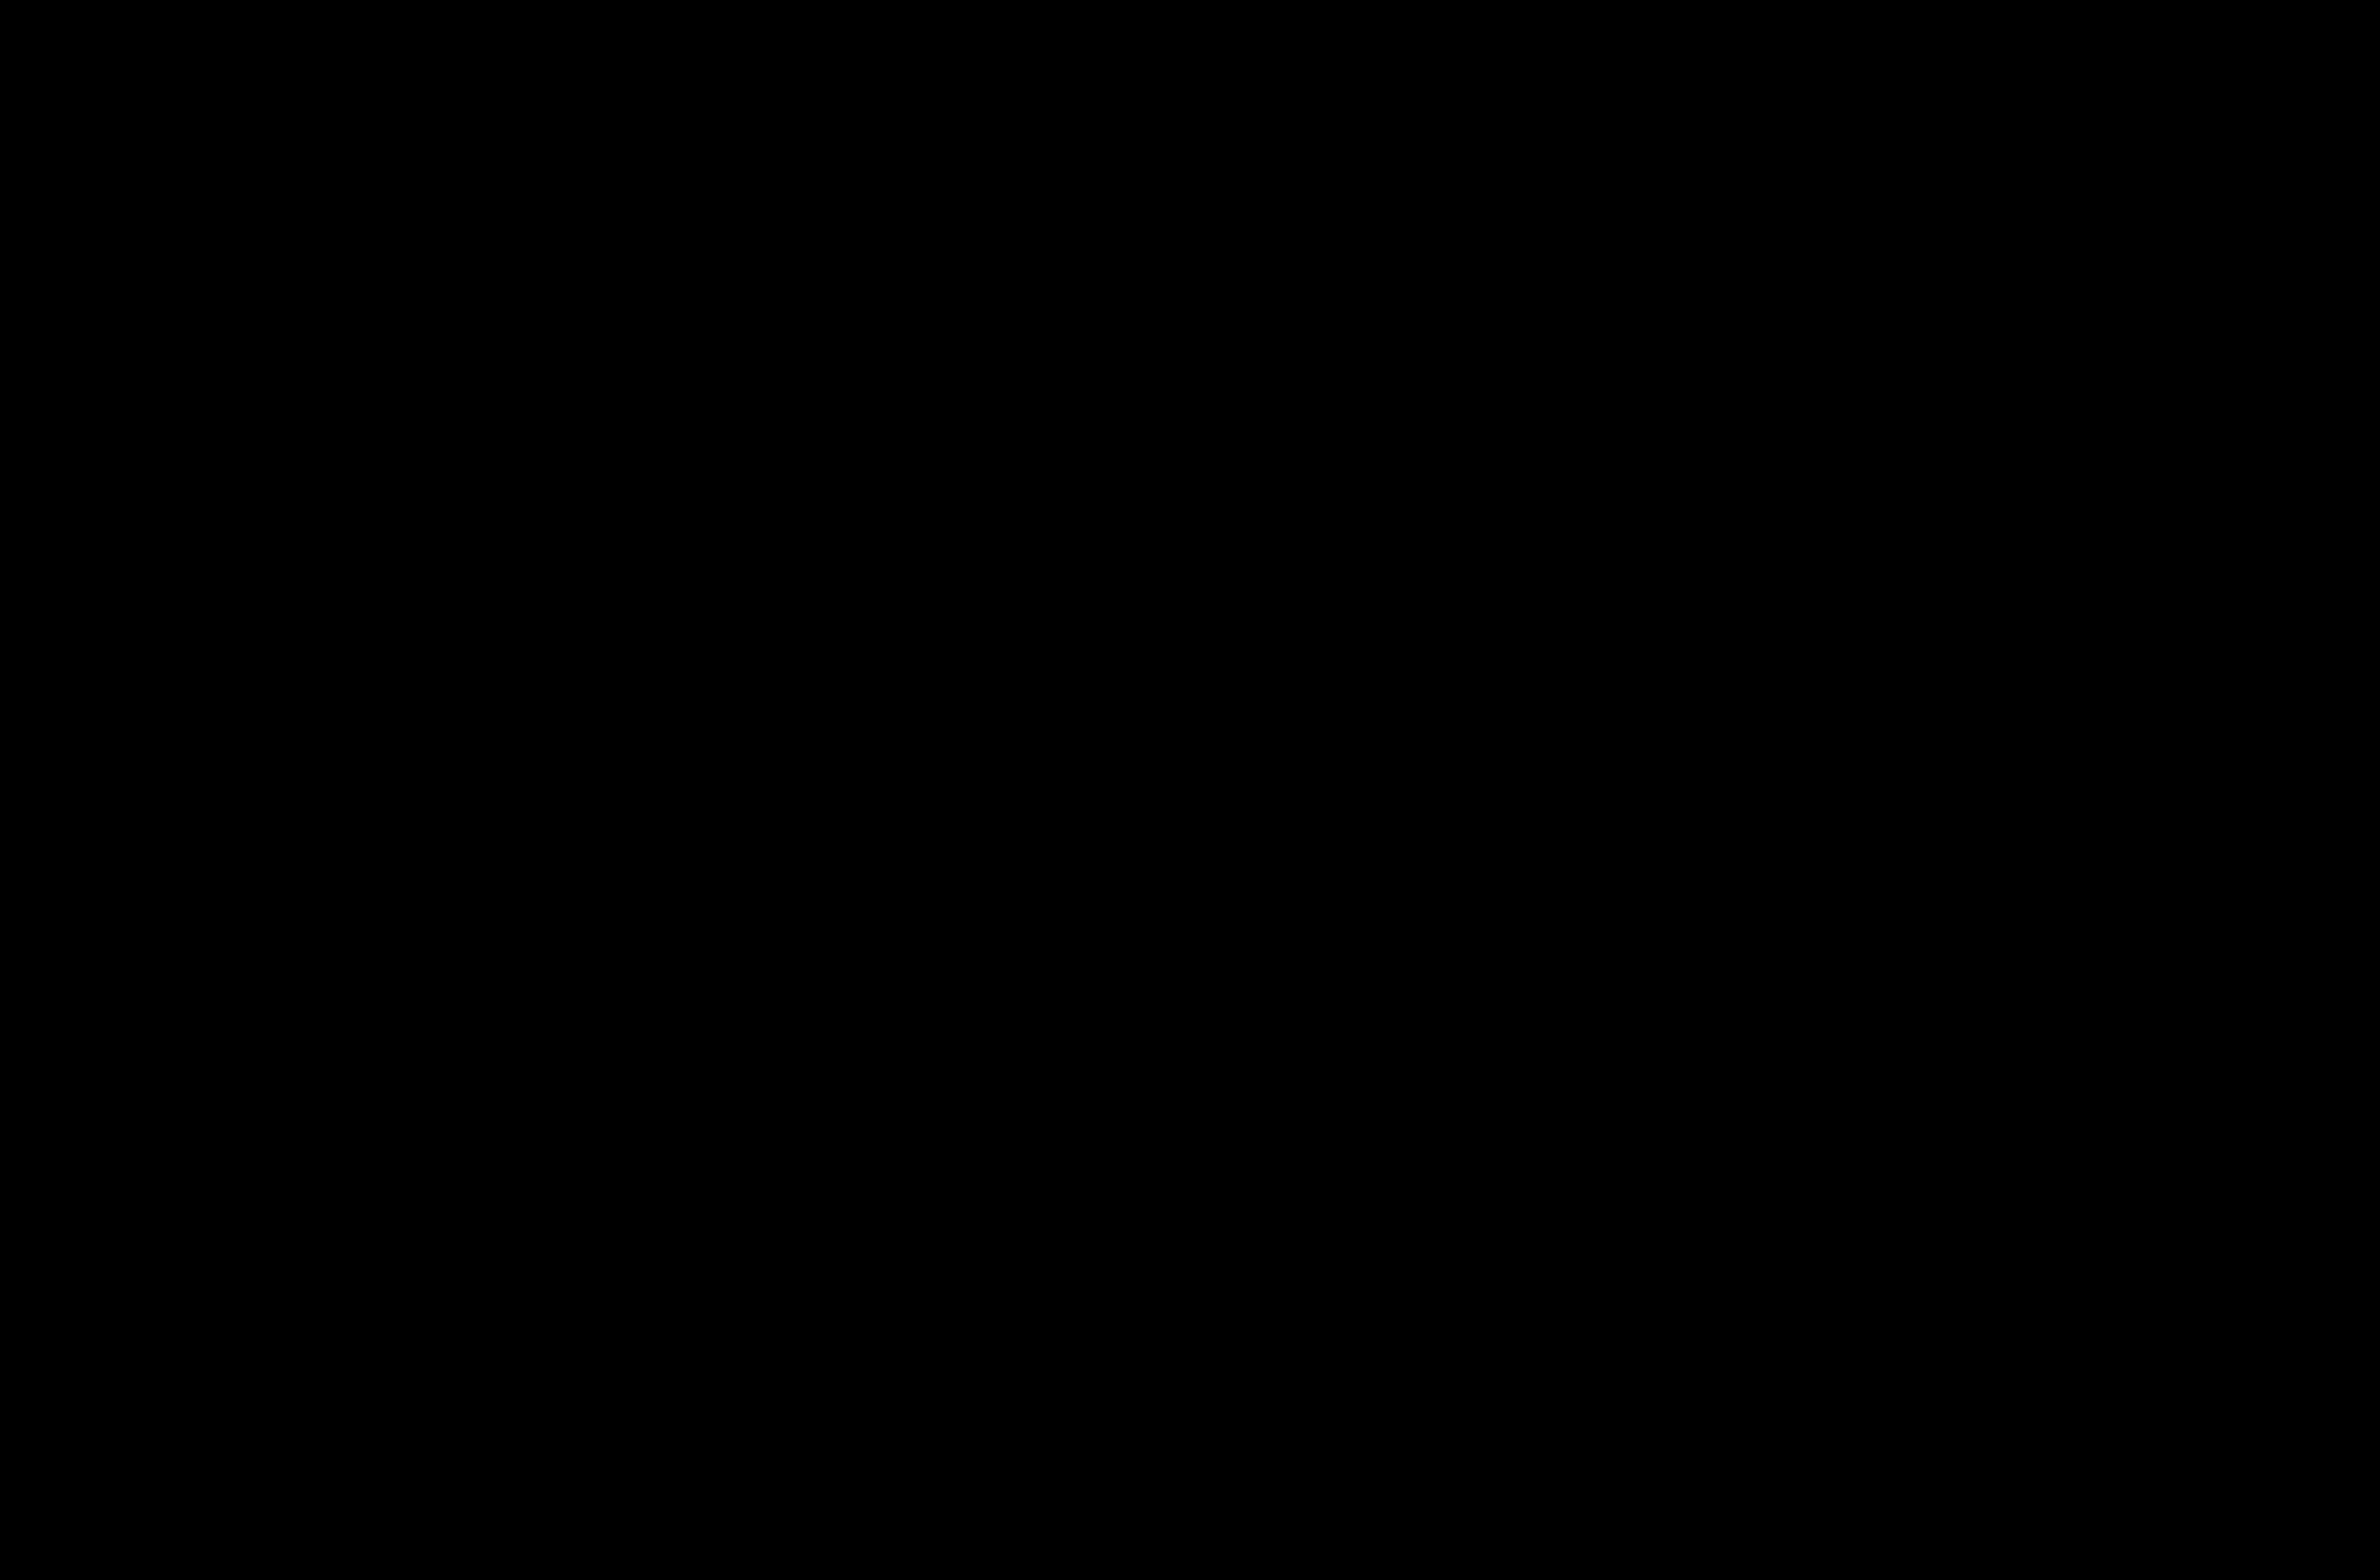 A Crackle streaming platform